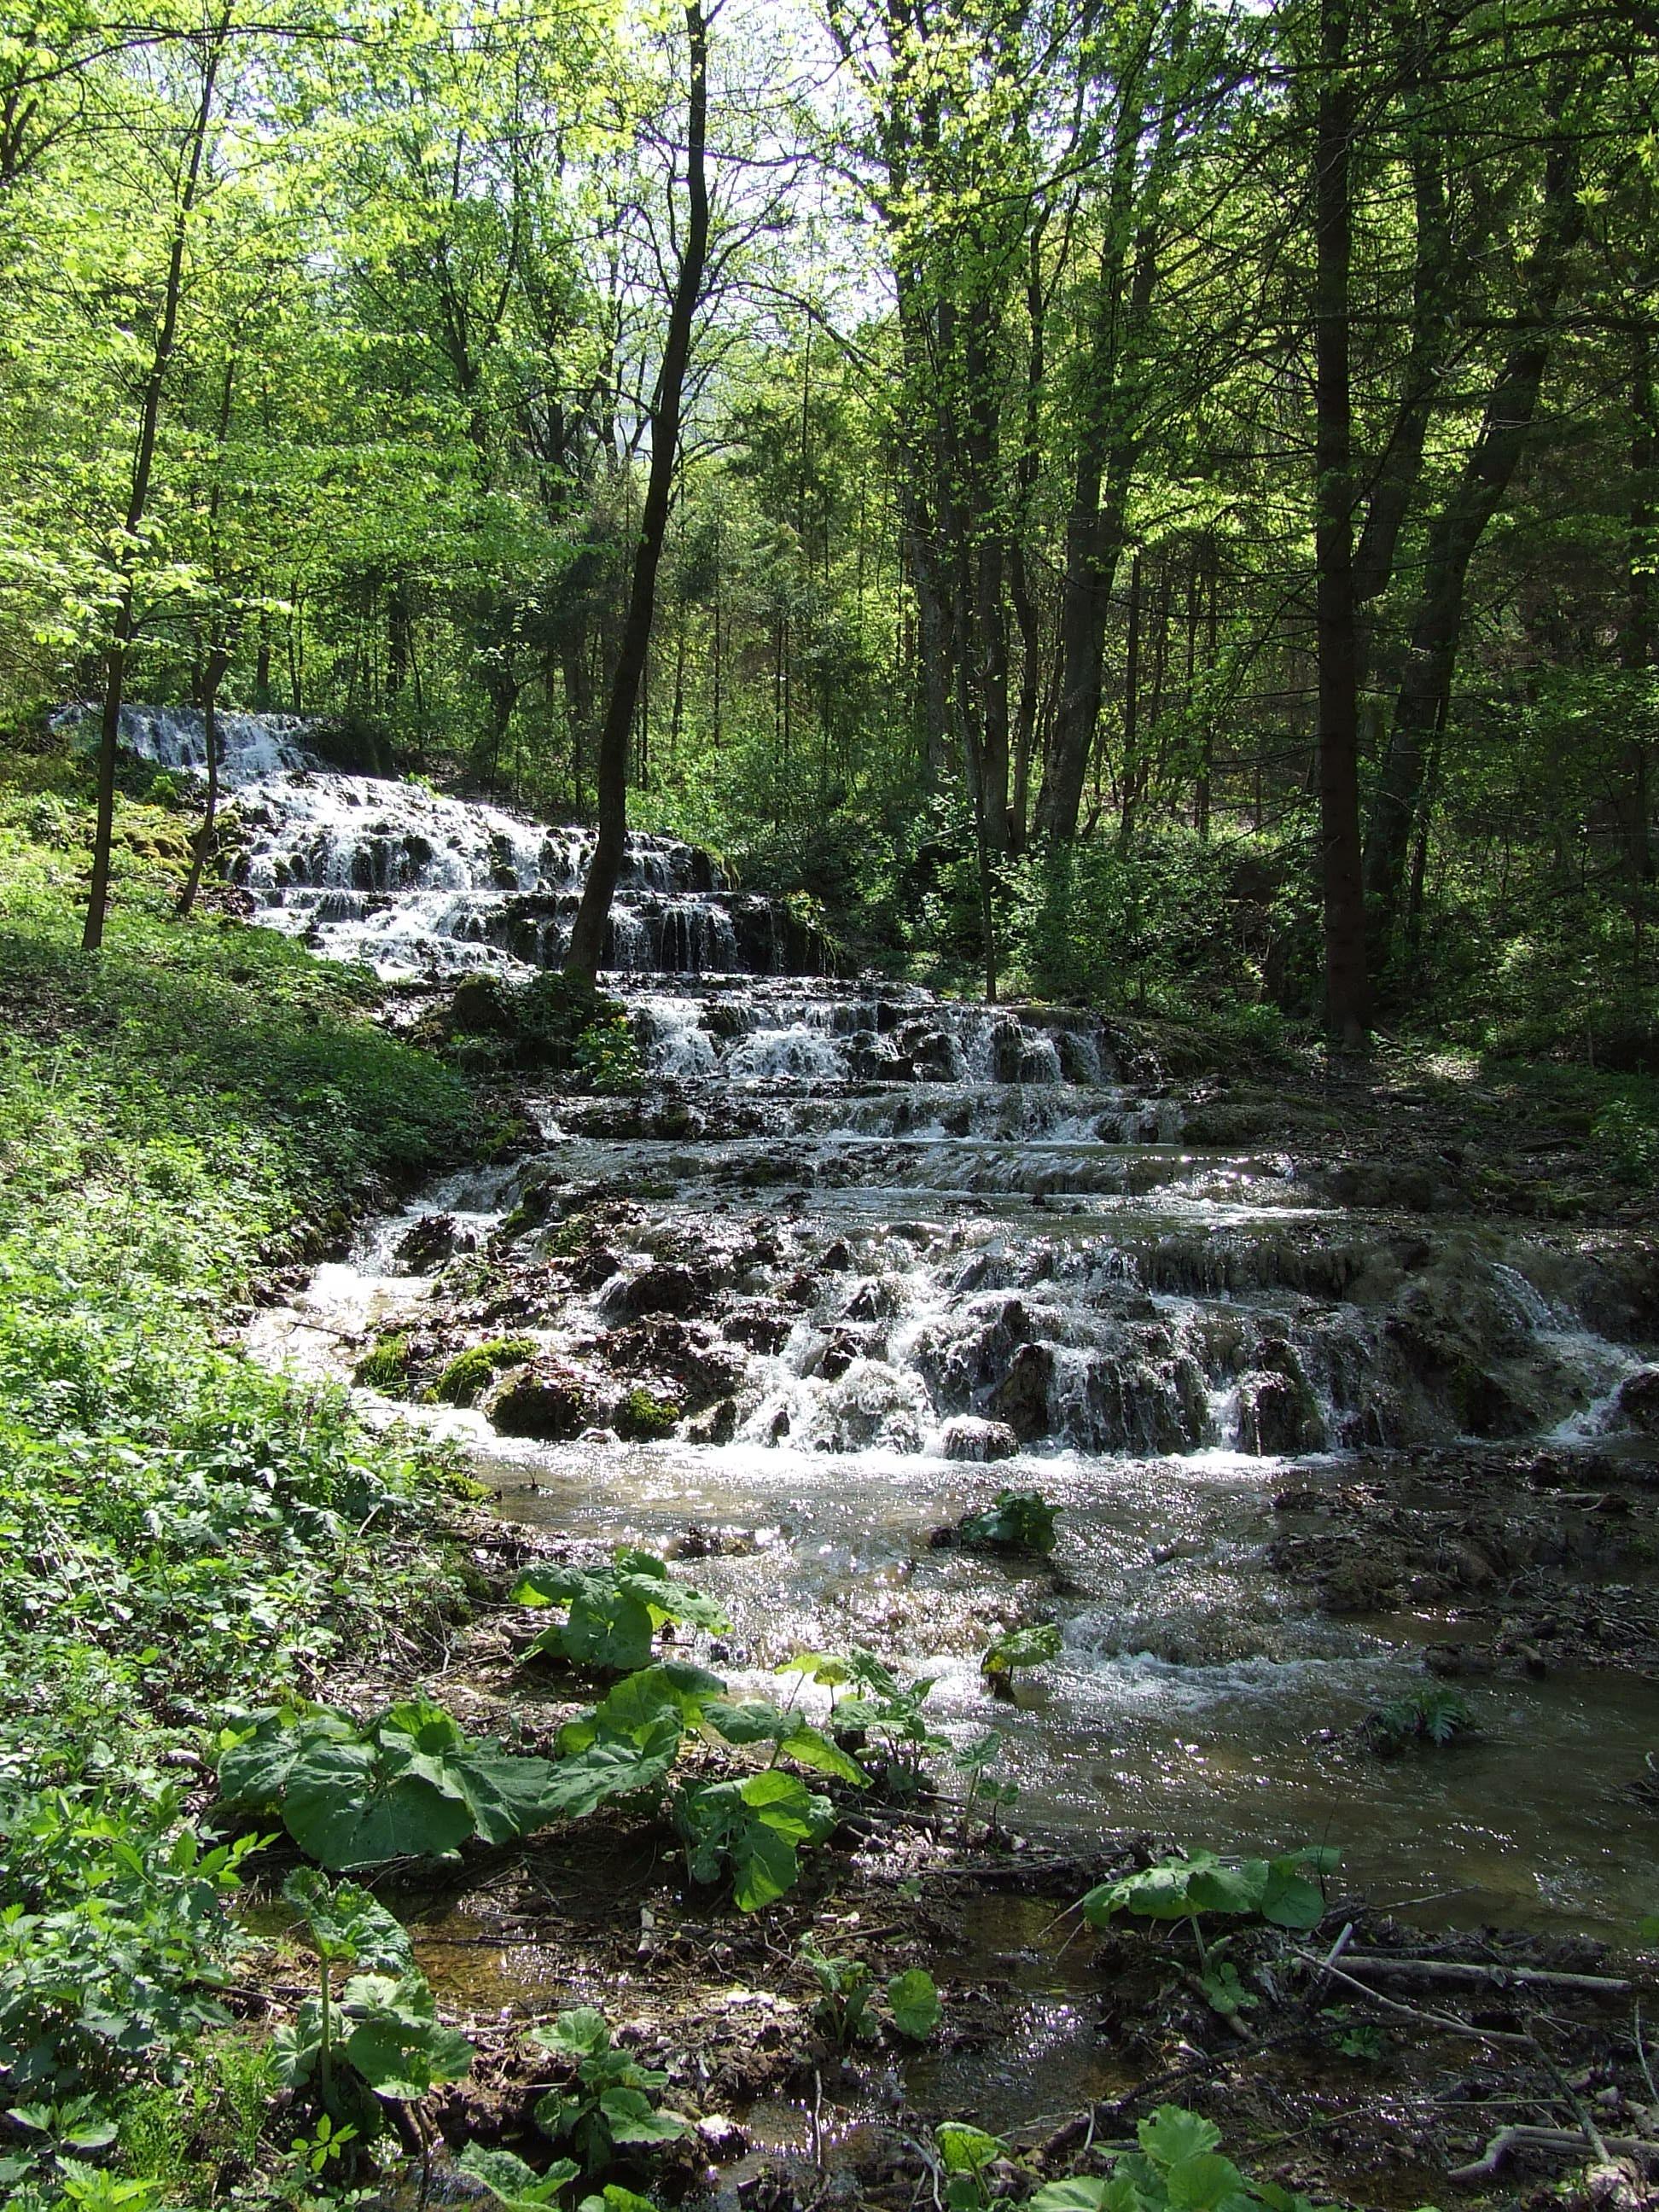 Images Gratuites eau, la nature, cascade, ruisseau, région sauvage, Piste, rivi u00e8re, vall # Riviere Sauvage Bois Aux Daims